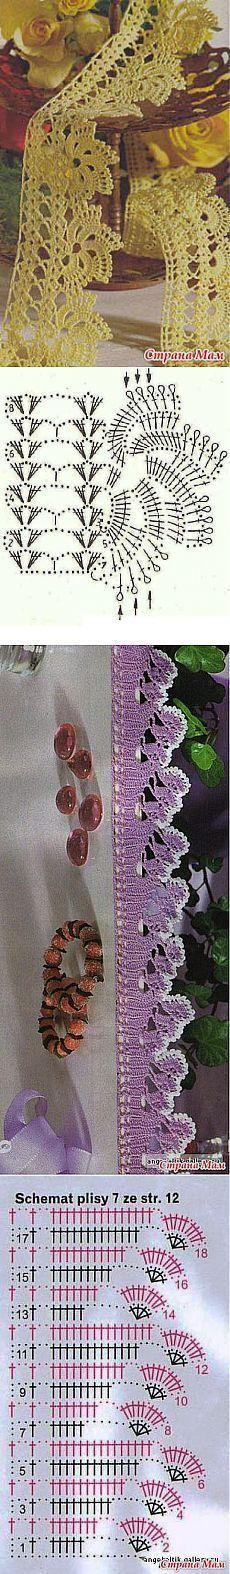 Crochet Lace Edging Pattern Link 41 New Ideas Crochet Boarders, Crochet Edging Patterns, Crochet Lace Edging, Crochet Diagram, Crochet Chart, Crochet Designs, Crochet Doilies, Crochet Flowers, Col Crochet